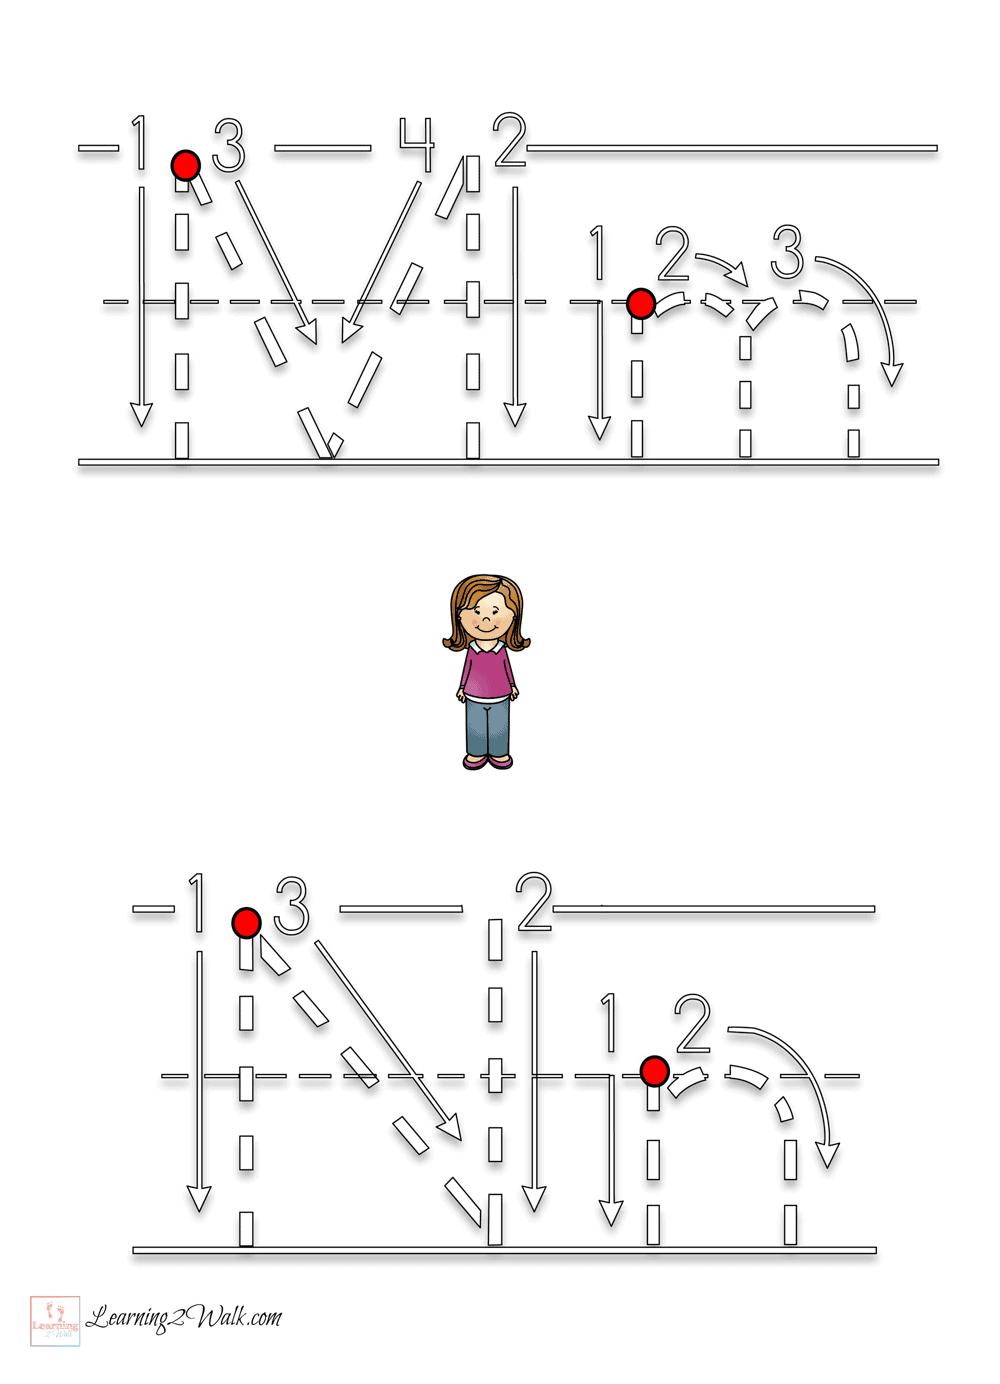 My Family Preschool Letter Worksheets – Preschool Letter Worksheets